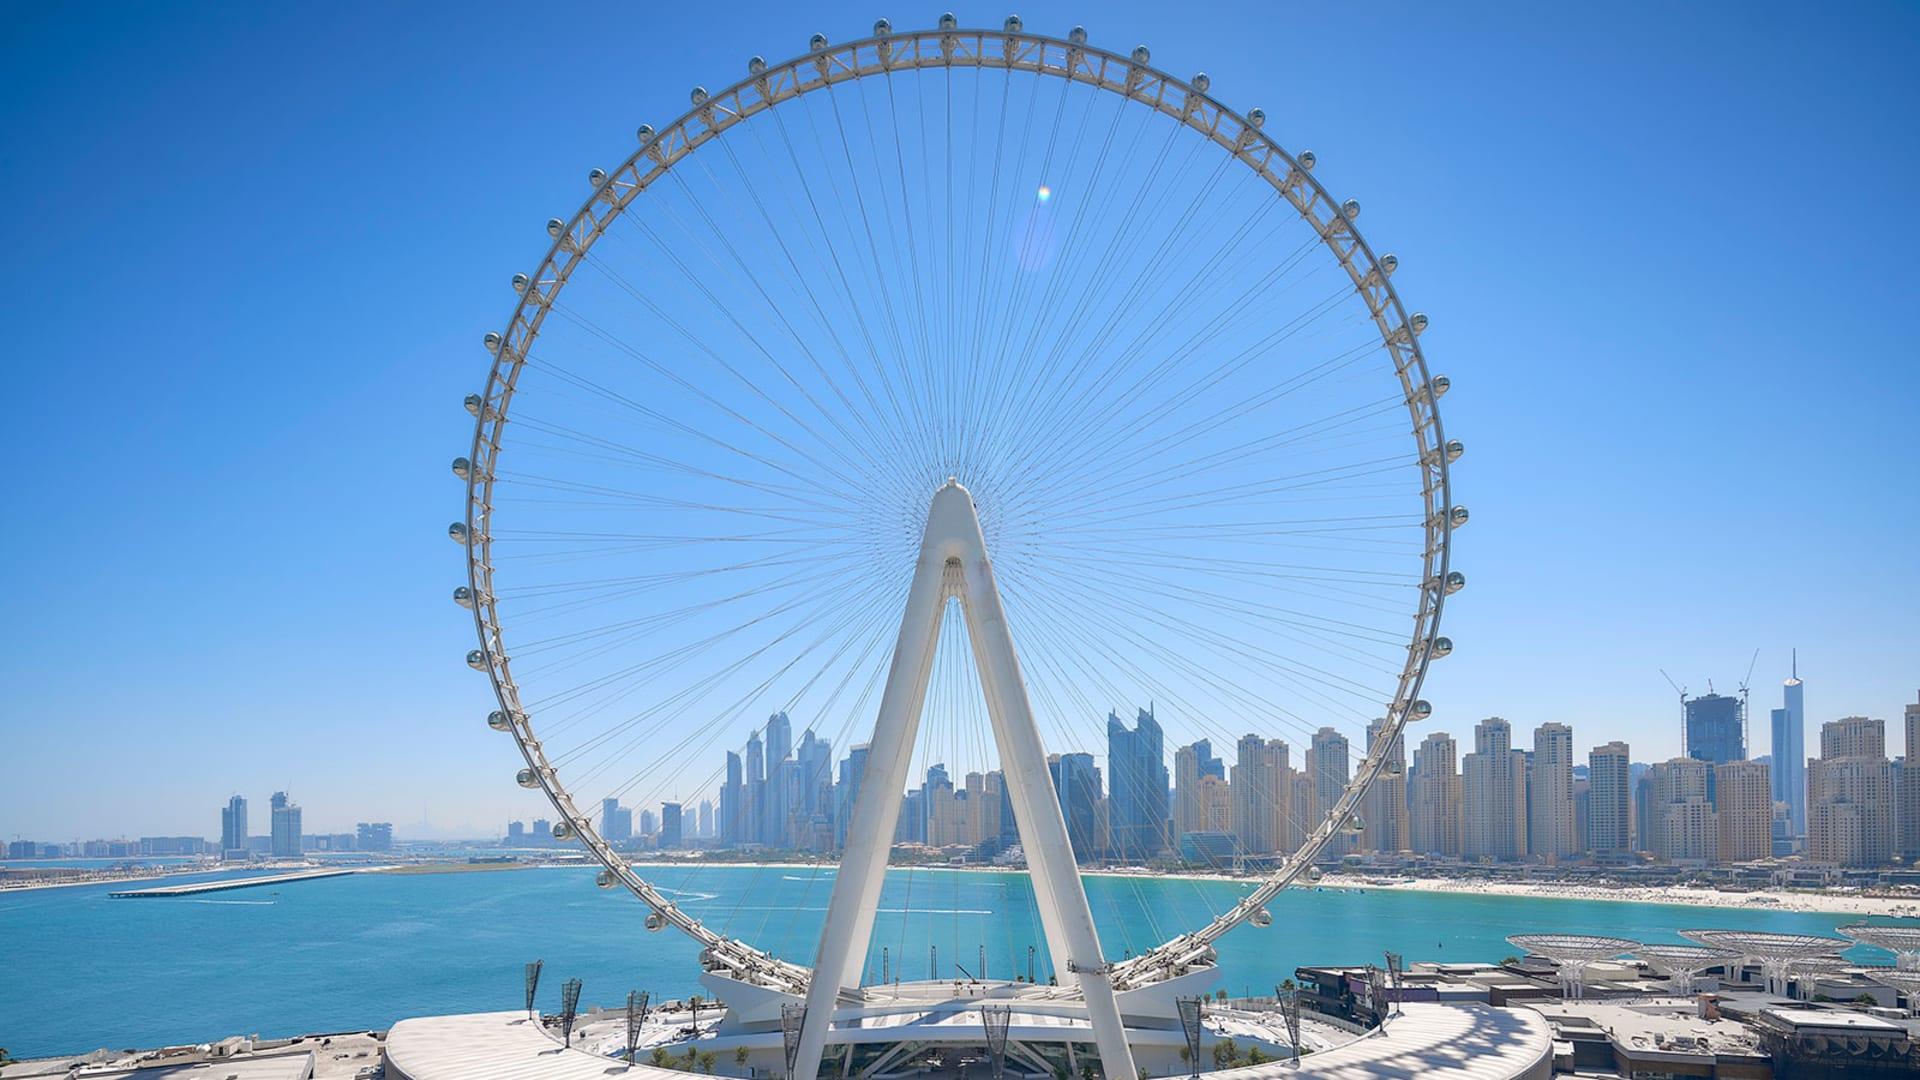 عين دبي.. هكذا بنيت أكبر عجلة مشاهدة بالعالم في الإمارات